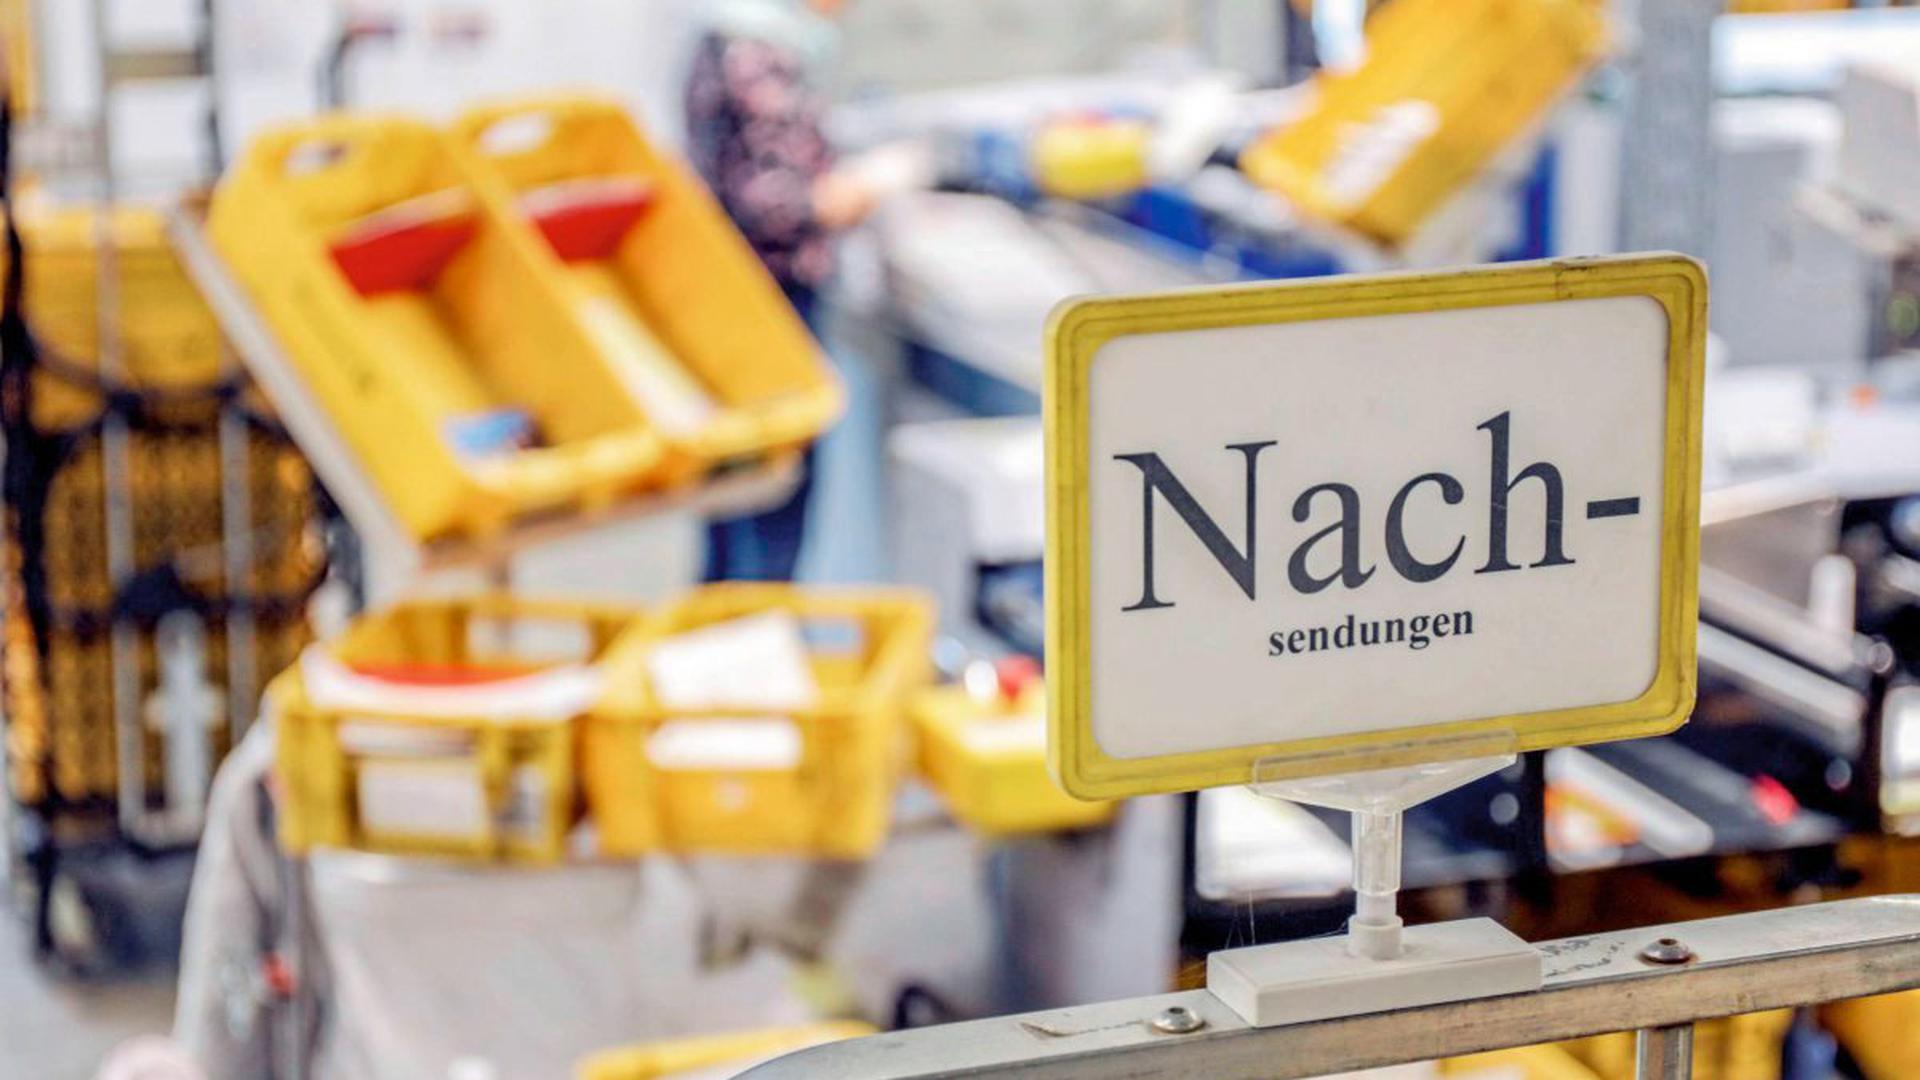 """Viel Technik bei """"Ina"""": Etwa 40 Millionen Rücksendungen und 20 Millionen Nachsendungen bearbeitet das Team in Karlsruhe. Letztlich geht es darum, dass der orangefarbene Barcode auf den Briefkuverts aktualisiert wird"""